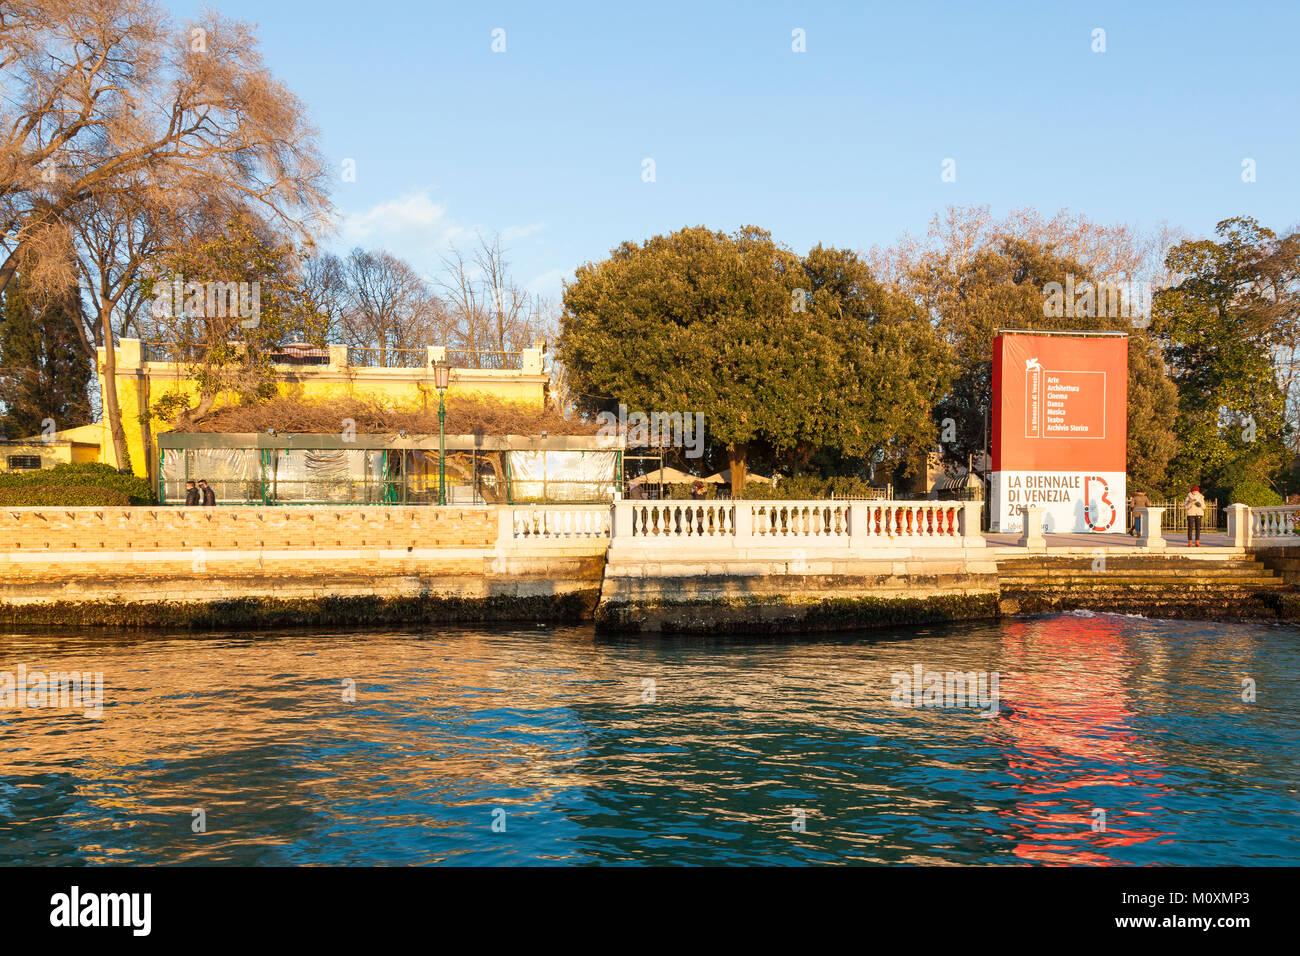 Los Giardini Pubblici Bieannale o jardines con su señalización y el popular café Paradiso durante la puesta de sol desde la laguna, Castello, Venecia, Véneto, Italia Foto de stock